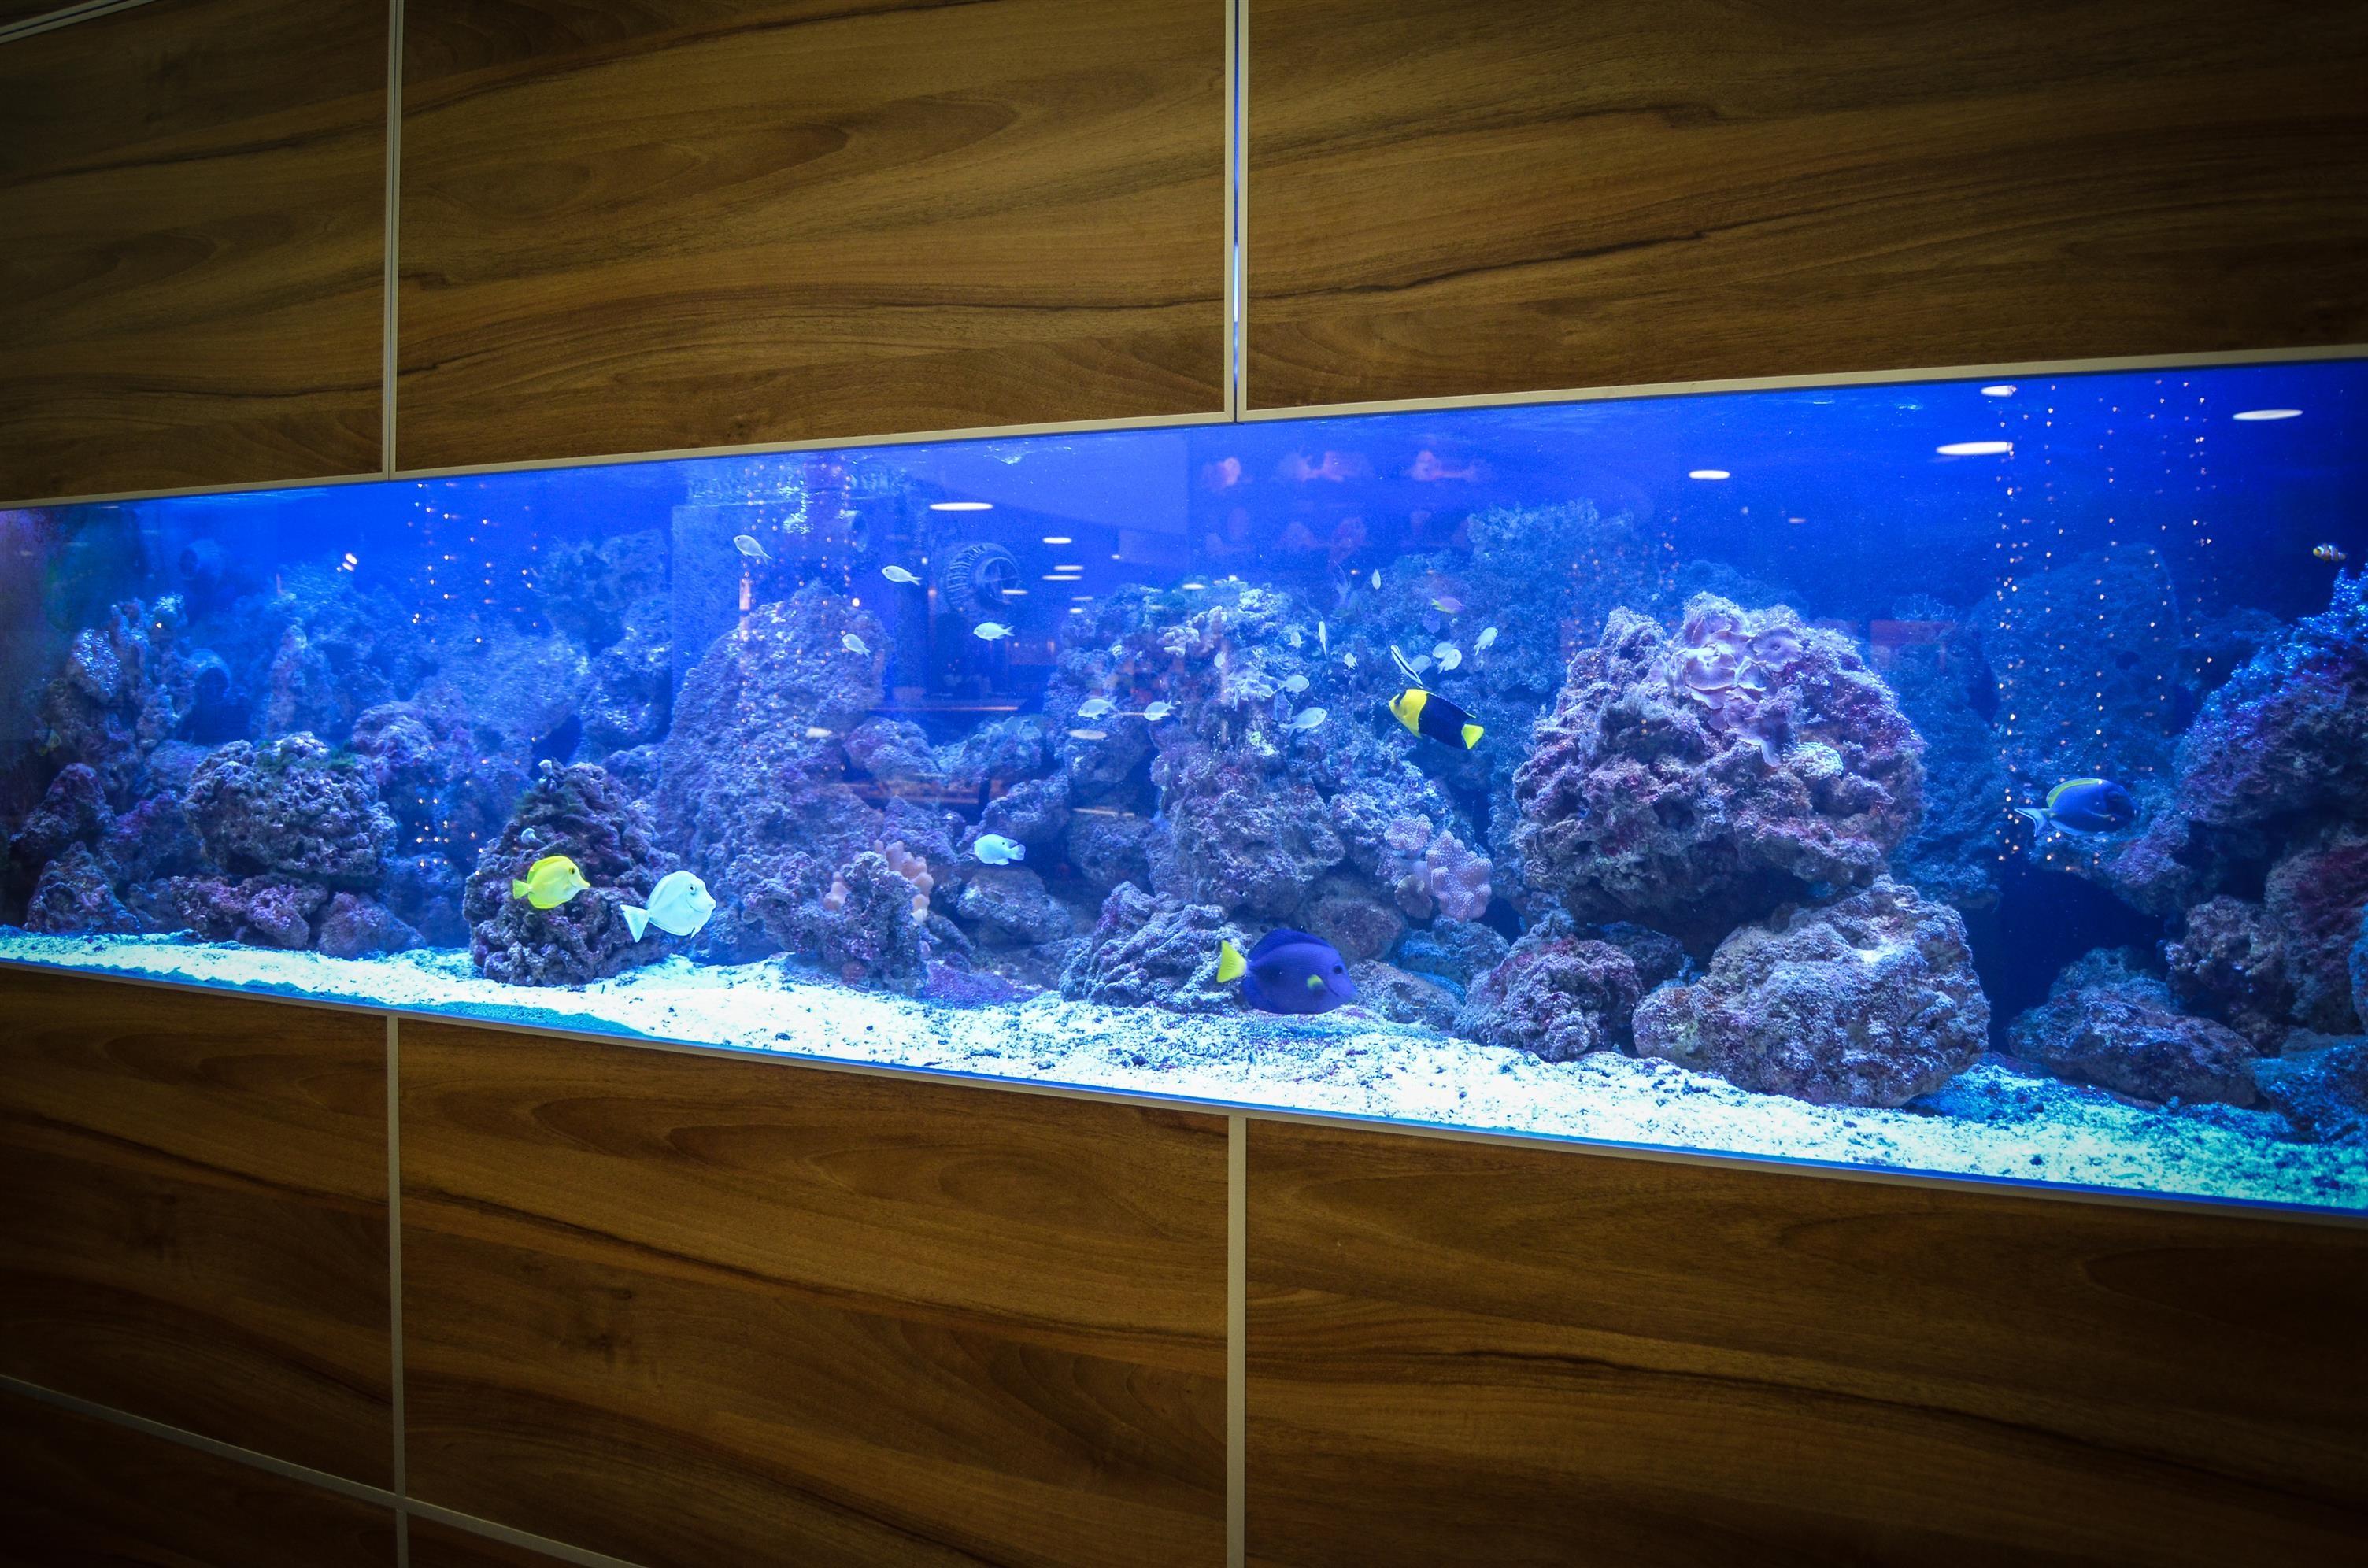 Acuarios de dise o aquatic ecosystem engineering for Disenos de acuarios